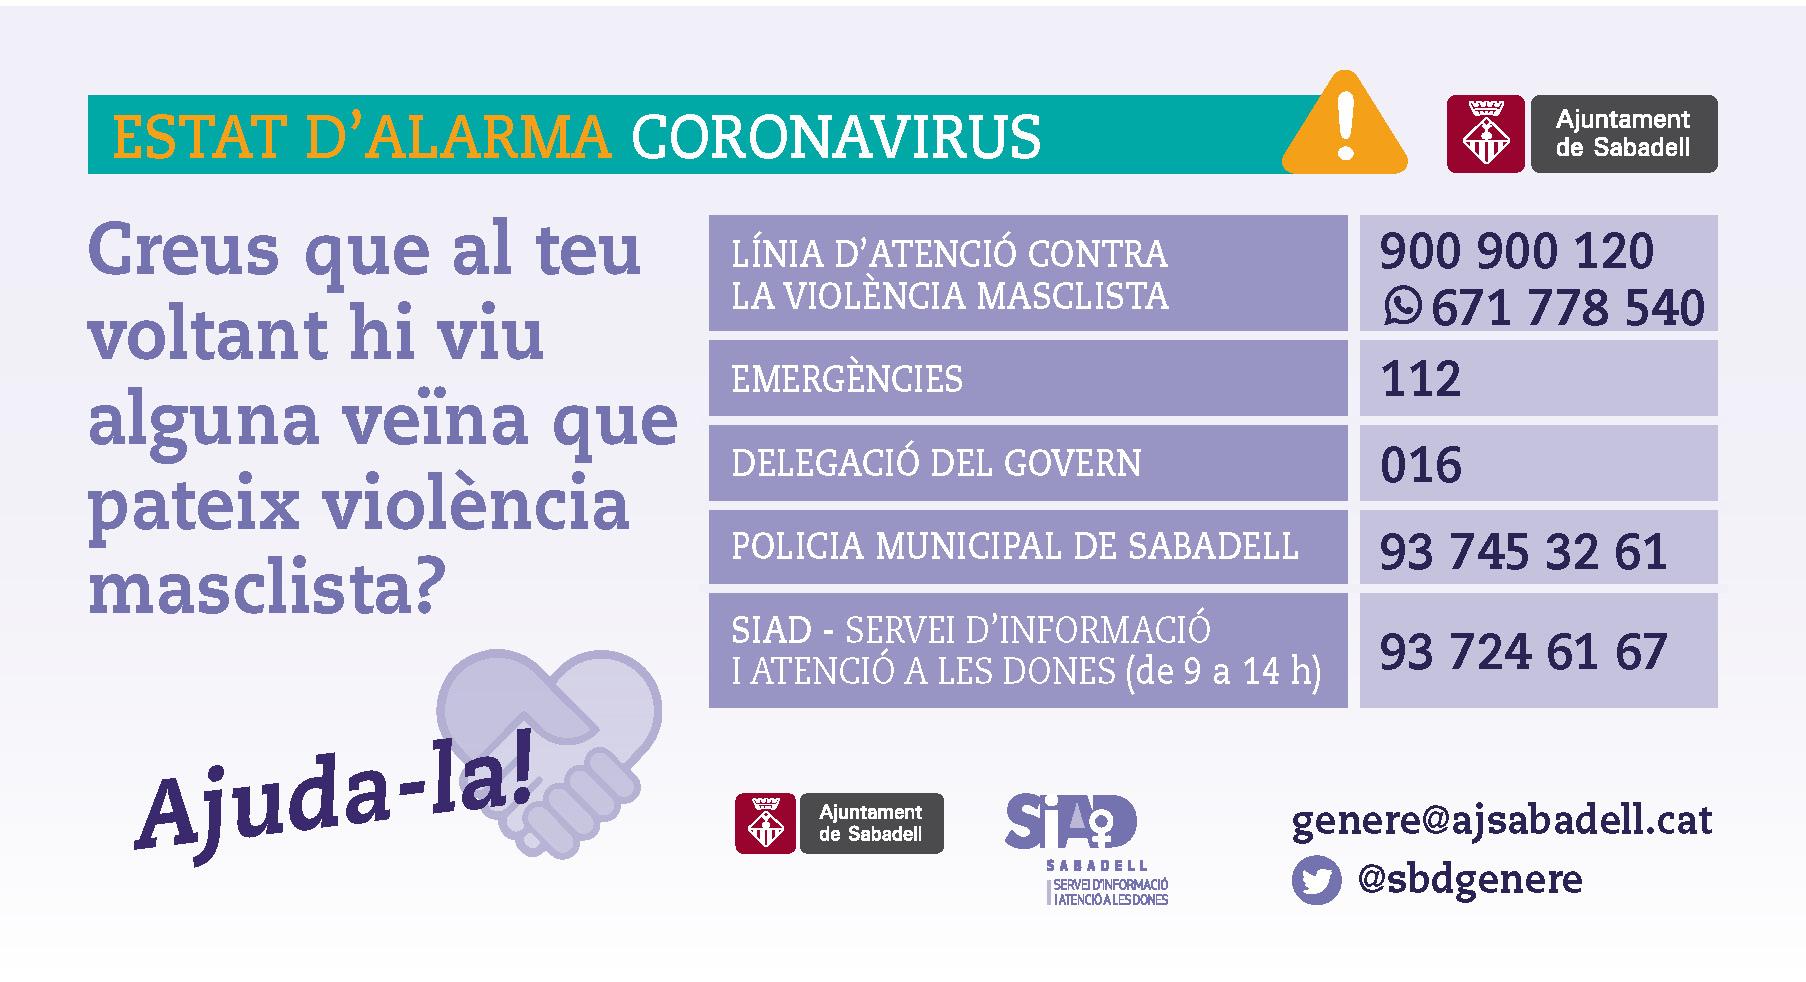 L'Ajuntament continua impulsant mesures contra la violència masclista mentre la població resta a casa a causa de l'Estat d'Alarma